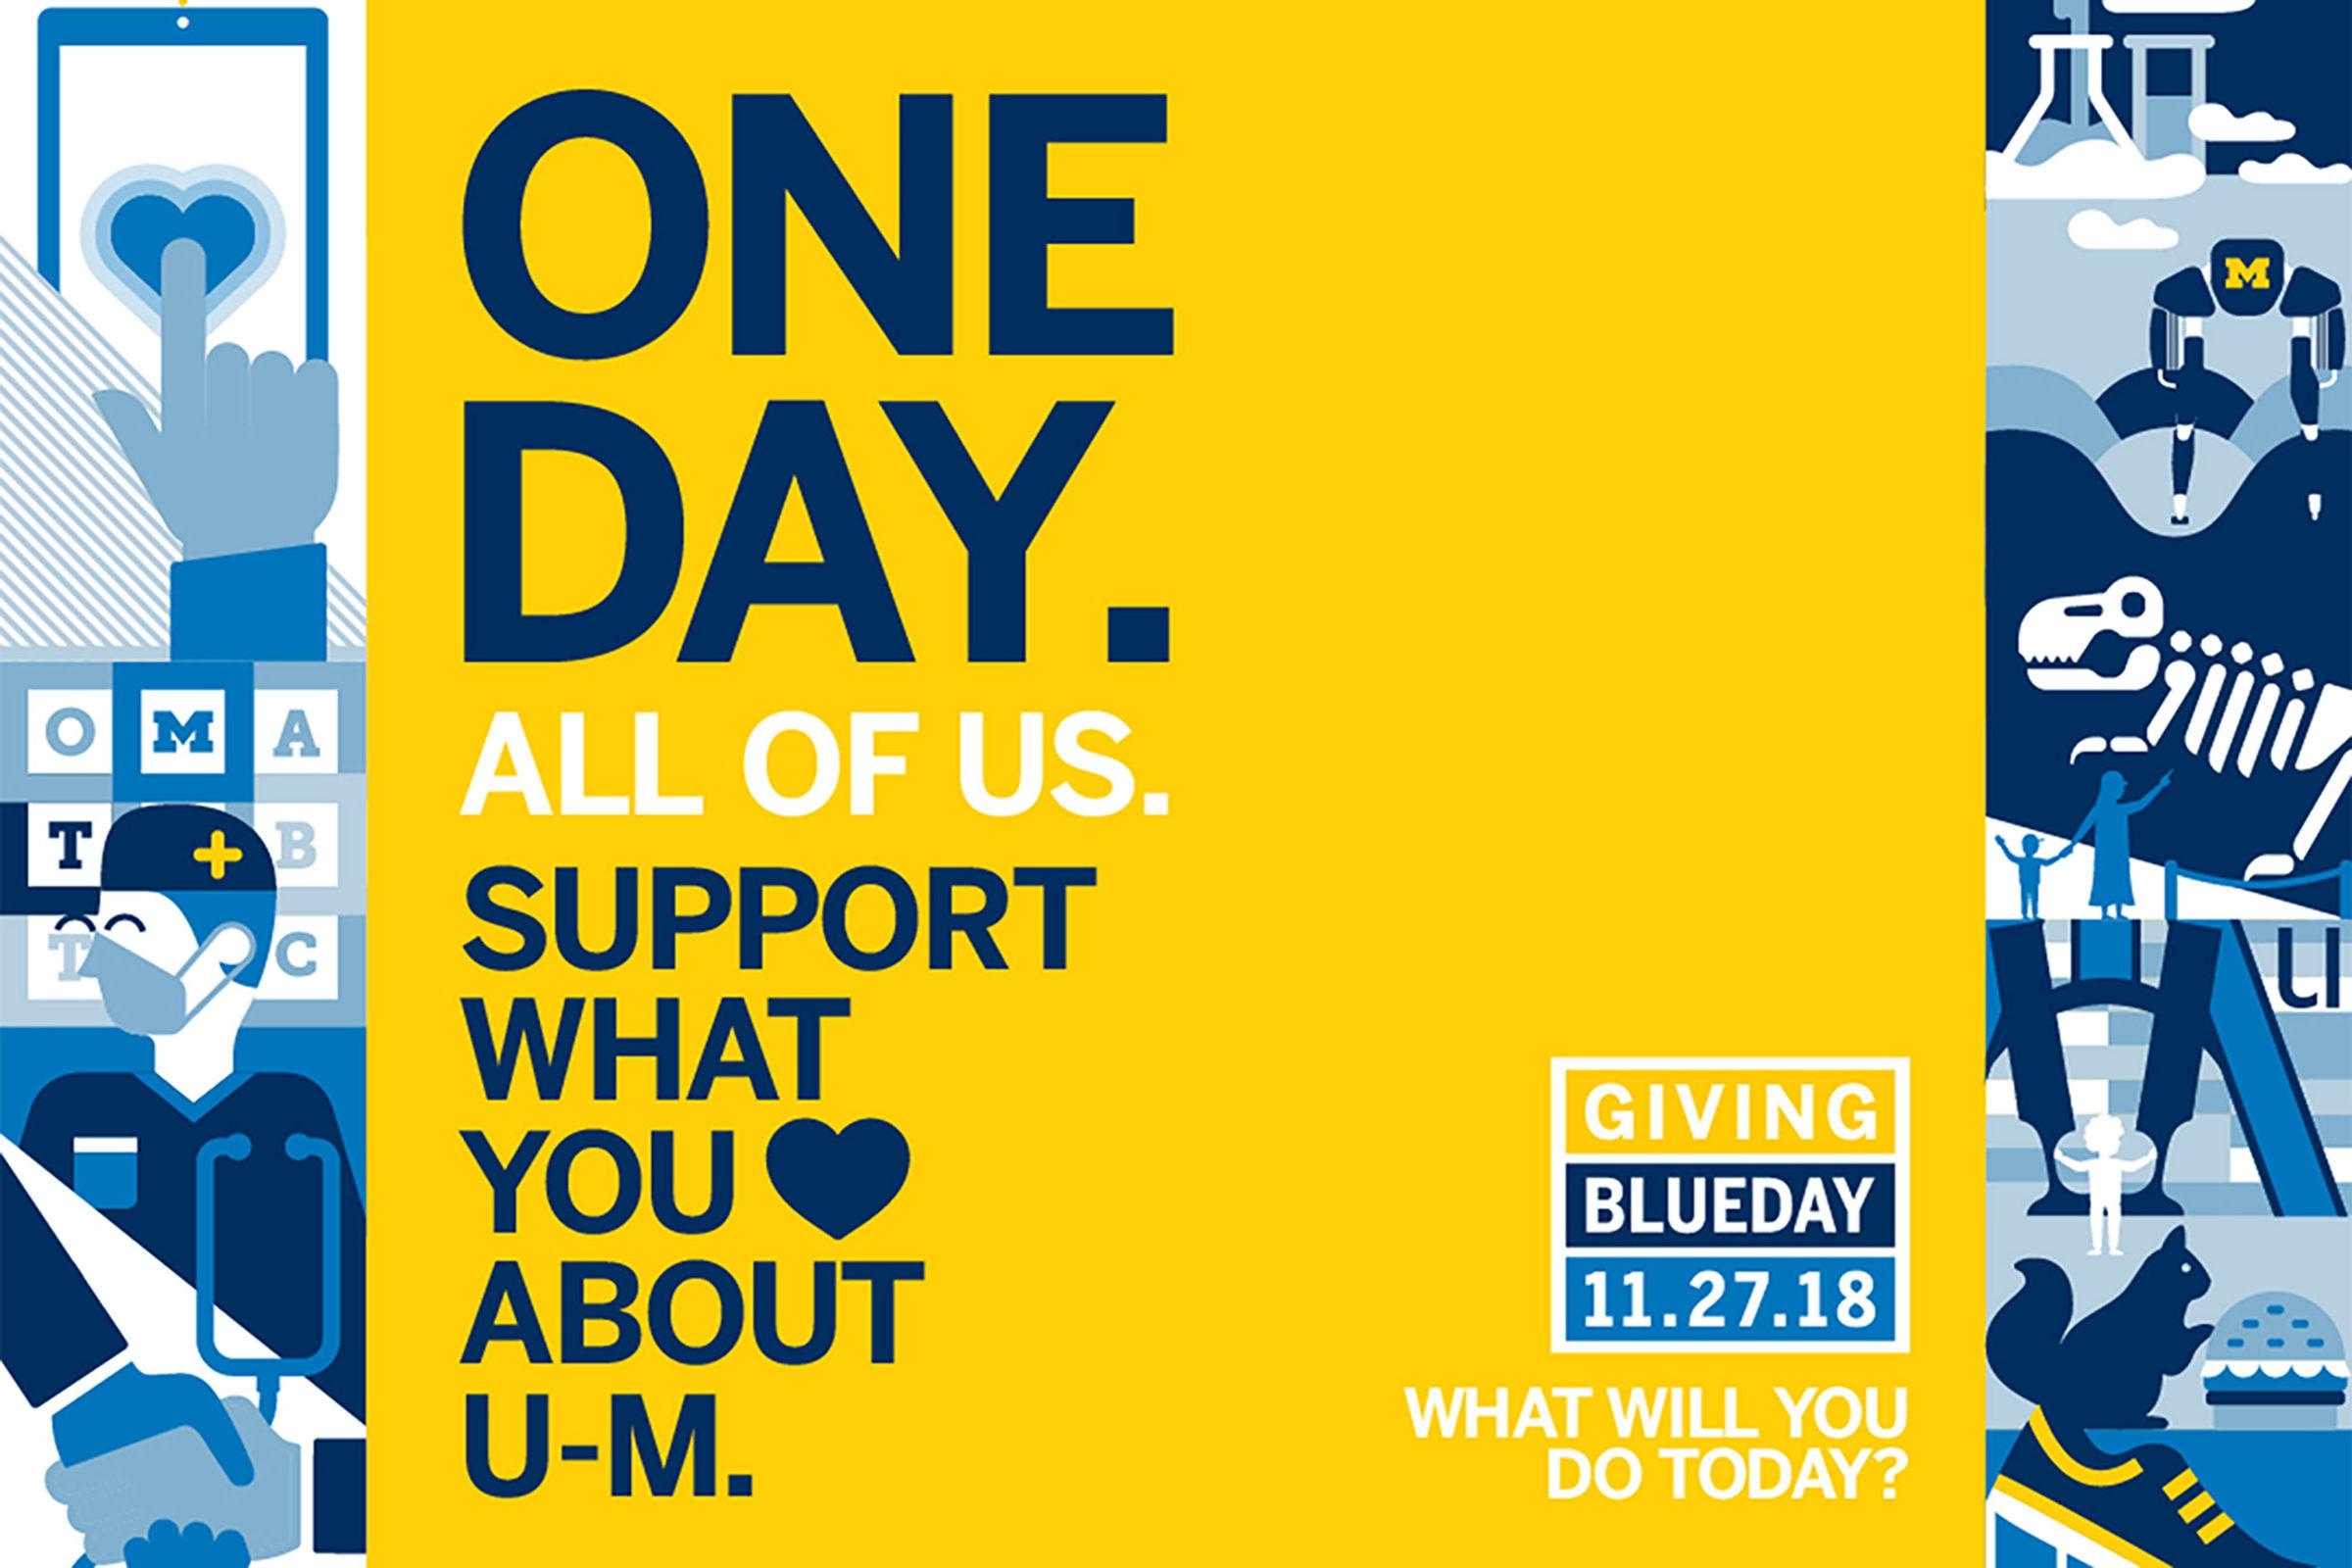 Make an impact on Giving Blueday